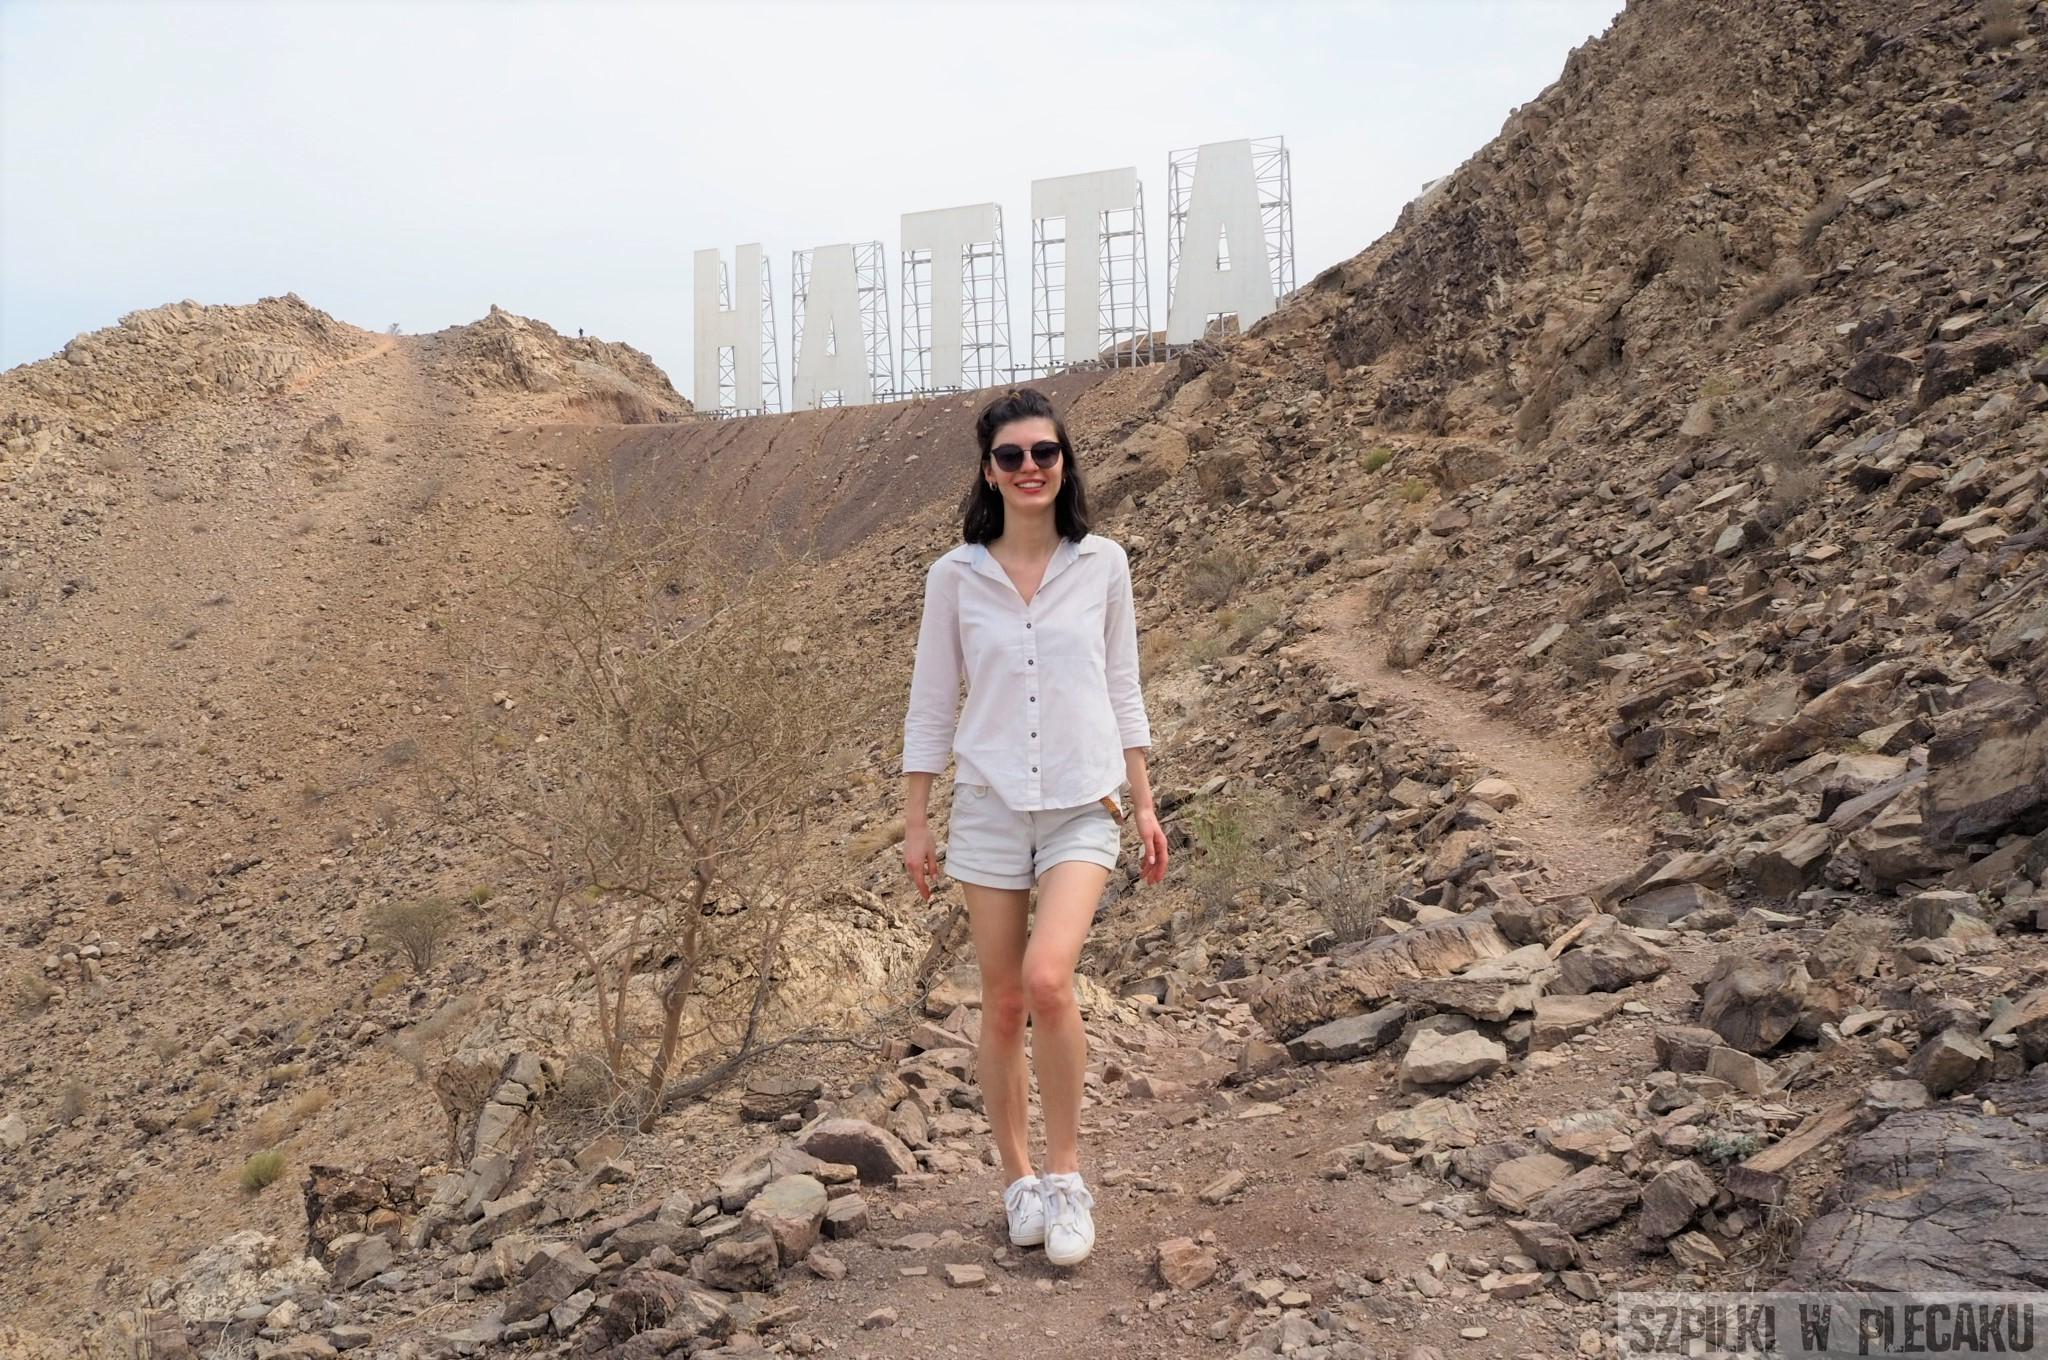 hatta - Dubaj inaczej z przygodą i adrenaliną - Szpilki w plecaku